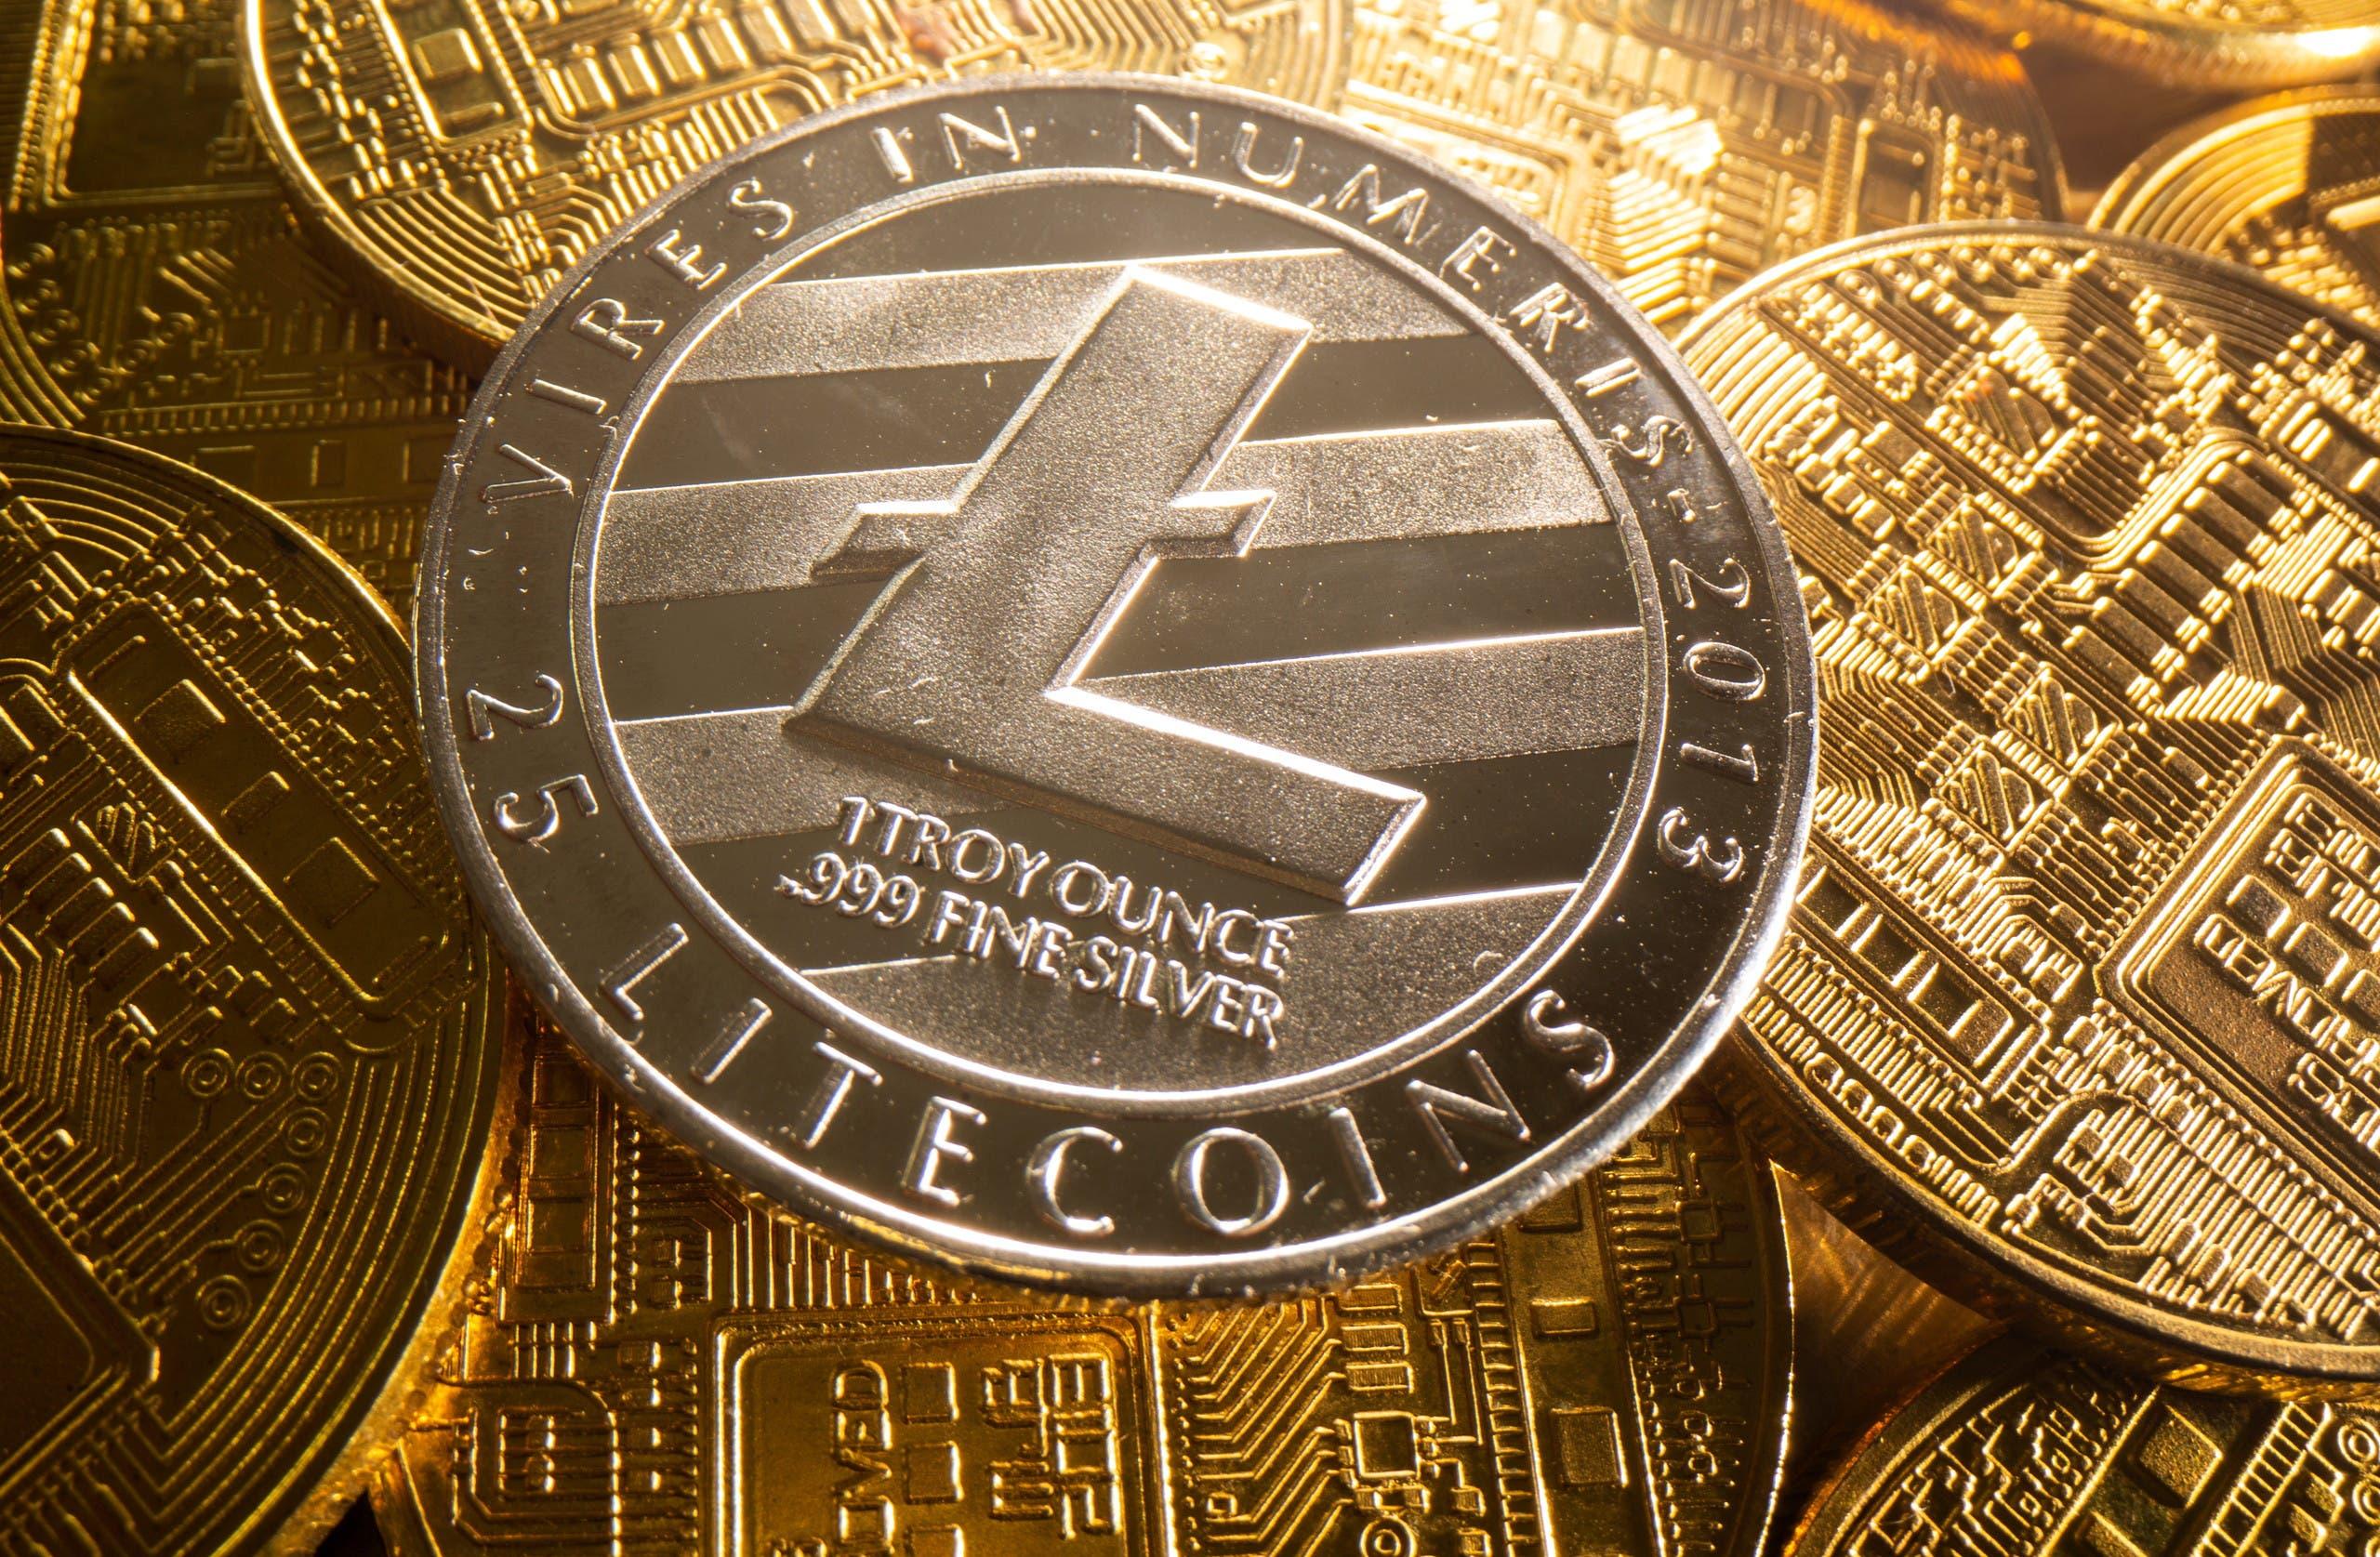 عملة litecoin المشفرة